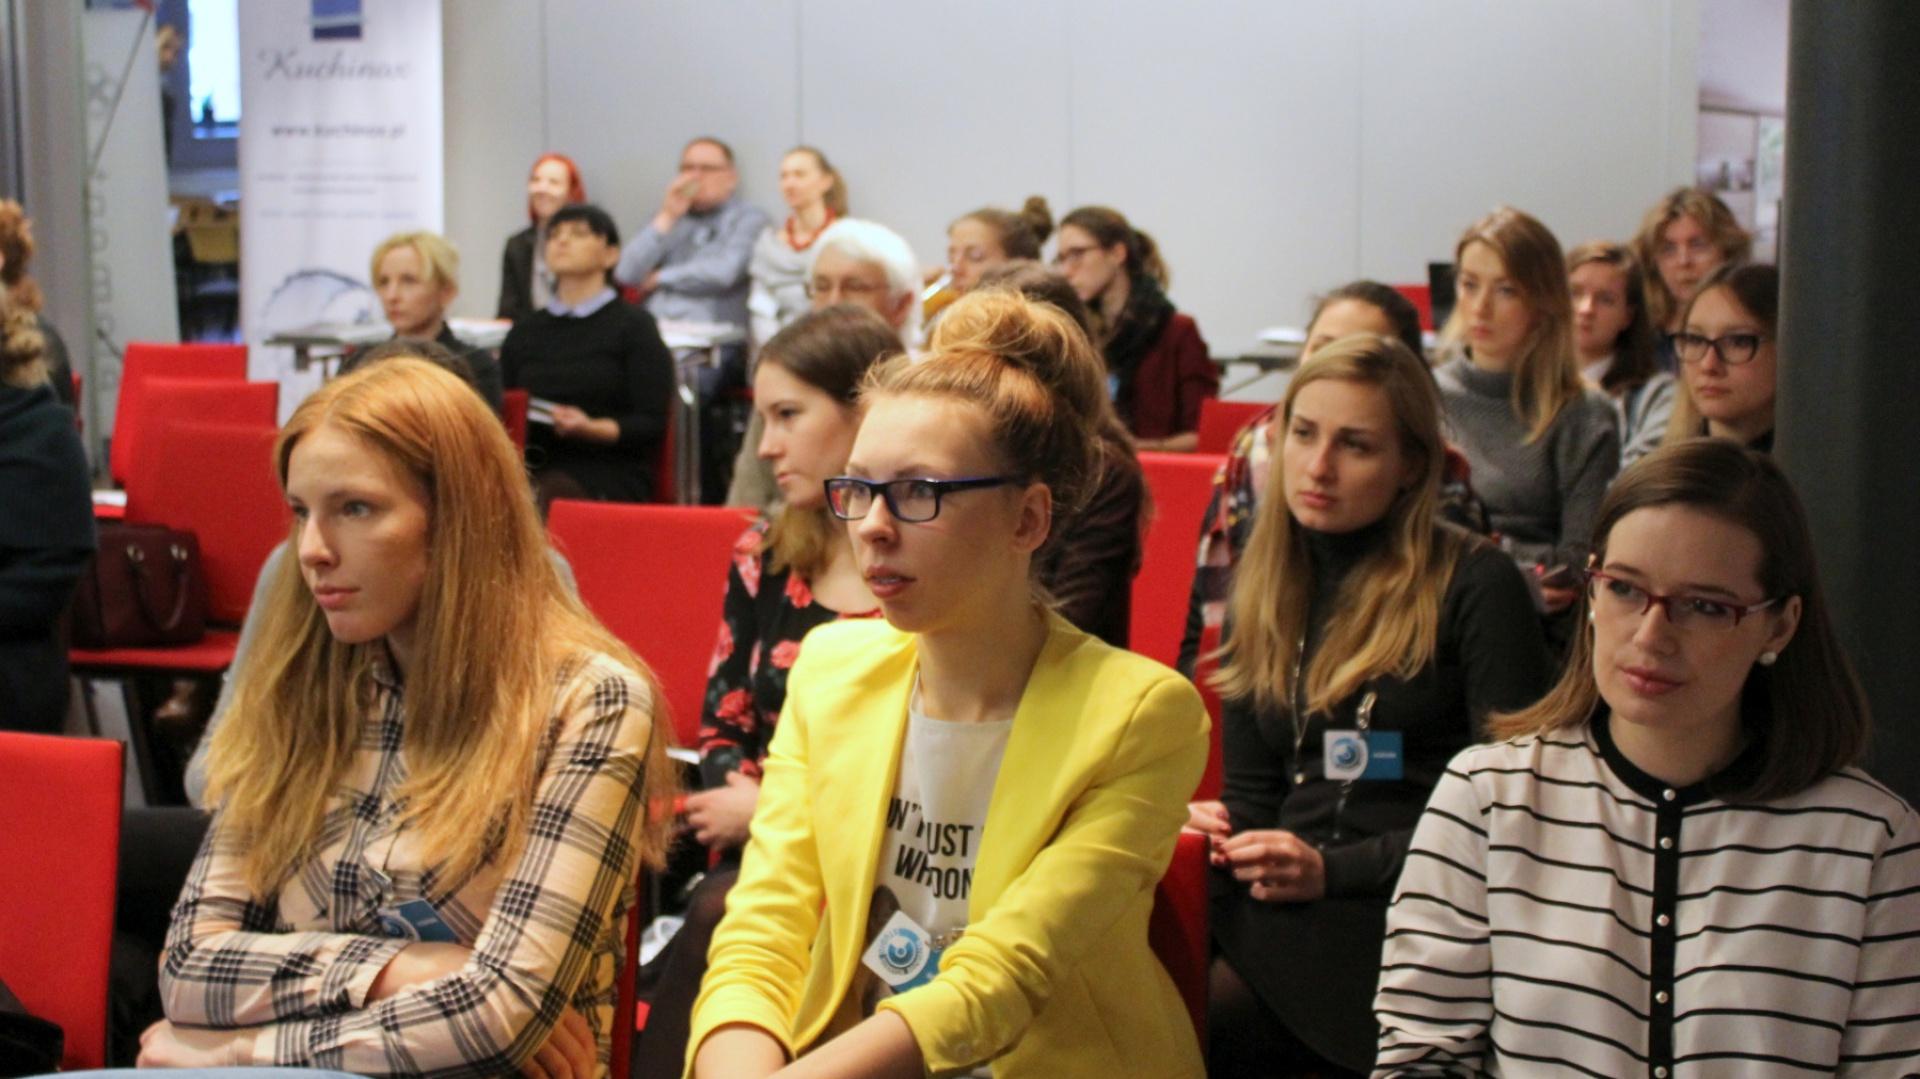 Łódzkie spotkanie było ósmym z cyklu Studia Dobrych Rozwiązań. Ale pierwszym w tym roku, inaugurującym warsztaty na 2016 rok. Fot. SDR